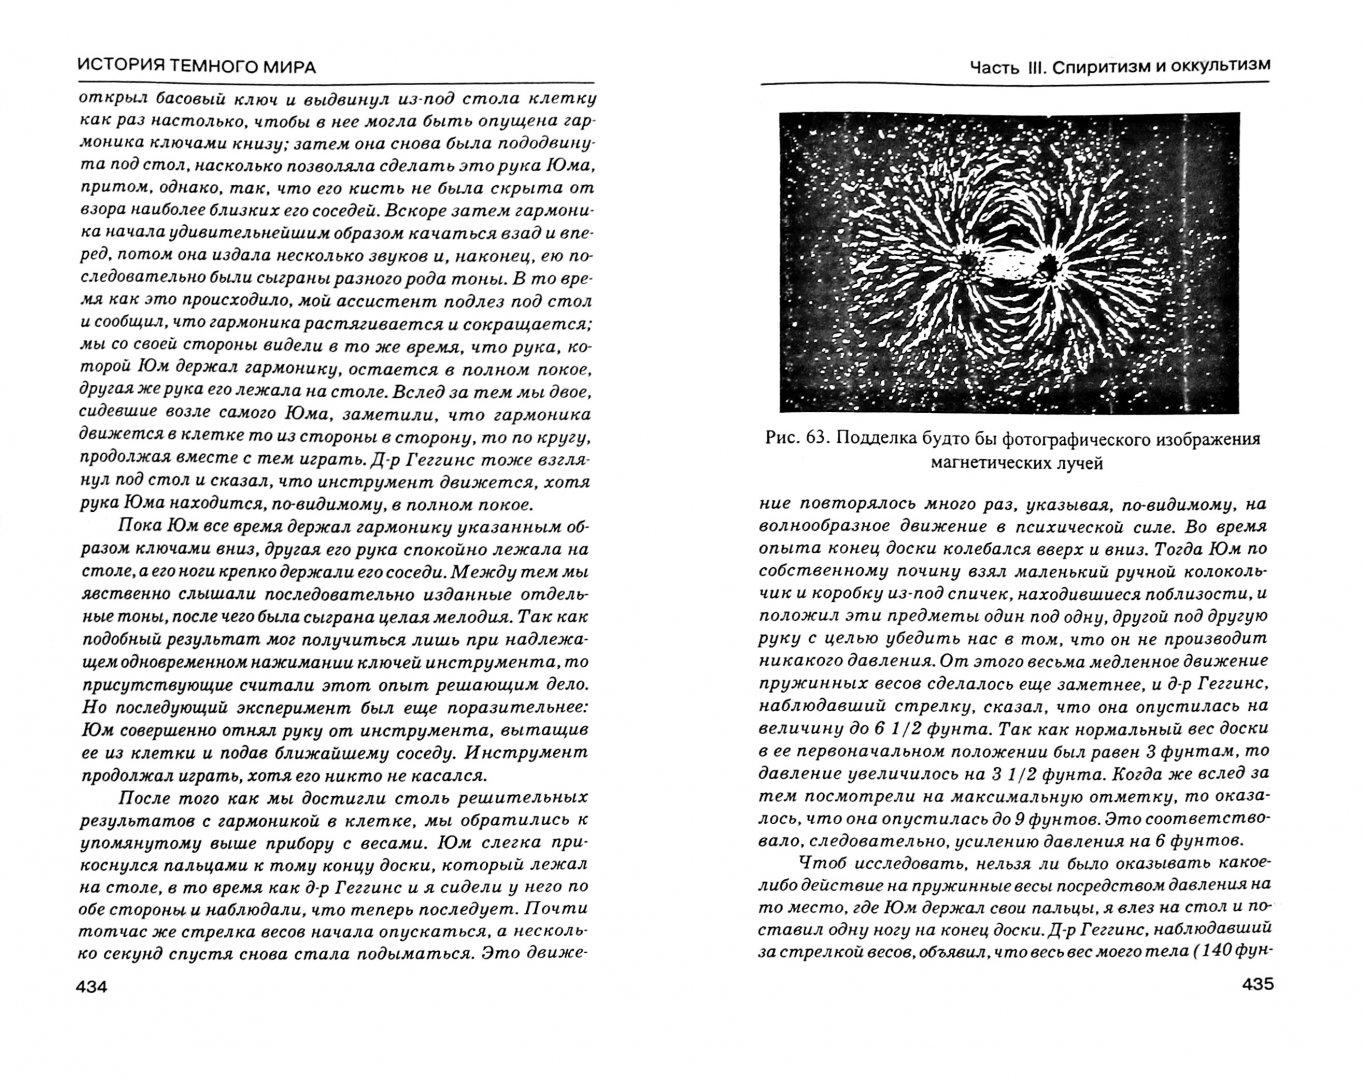 Иллюстрация 1 из 31 для История темного мира - Александр Лидин   Лабиринт - книги. Источник: Лабиринт